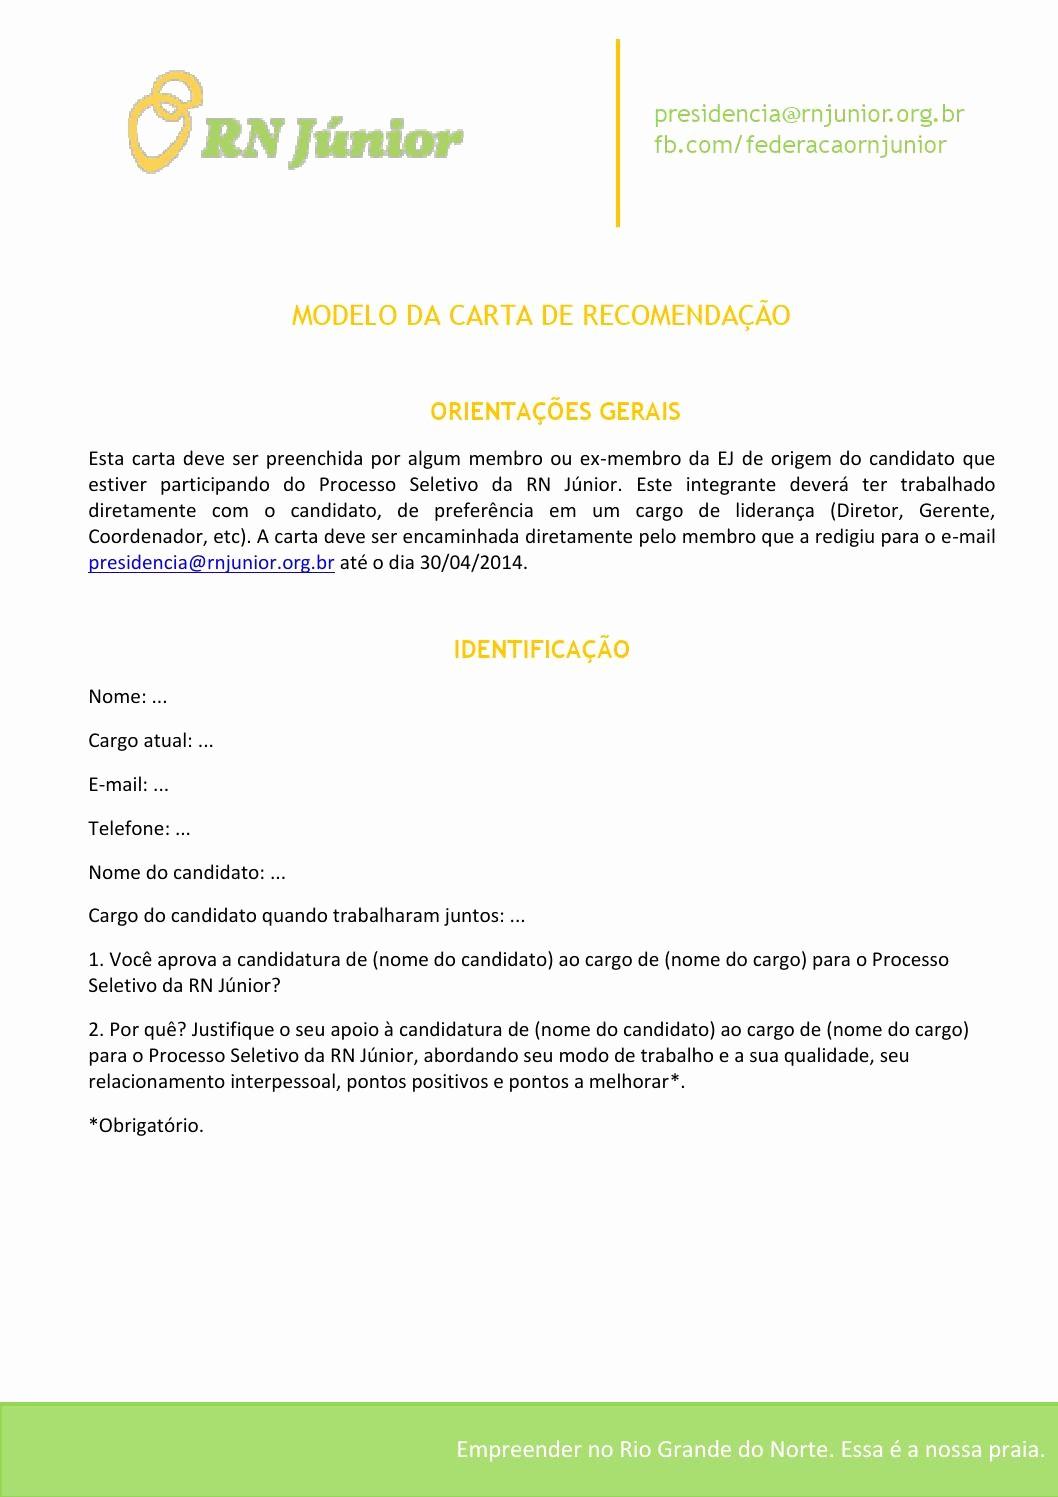 Modelos De Carta De Recomendacao Luxury Modelo De Carta De Re Endação Processo Seletivo Abril